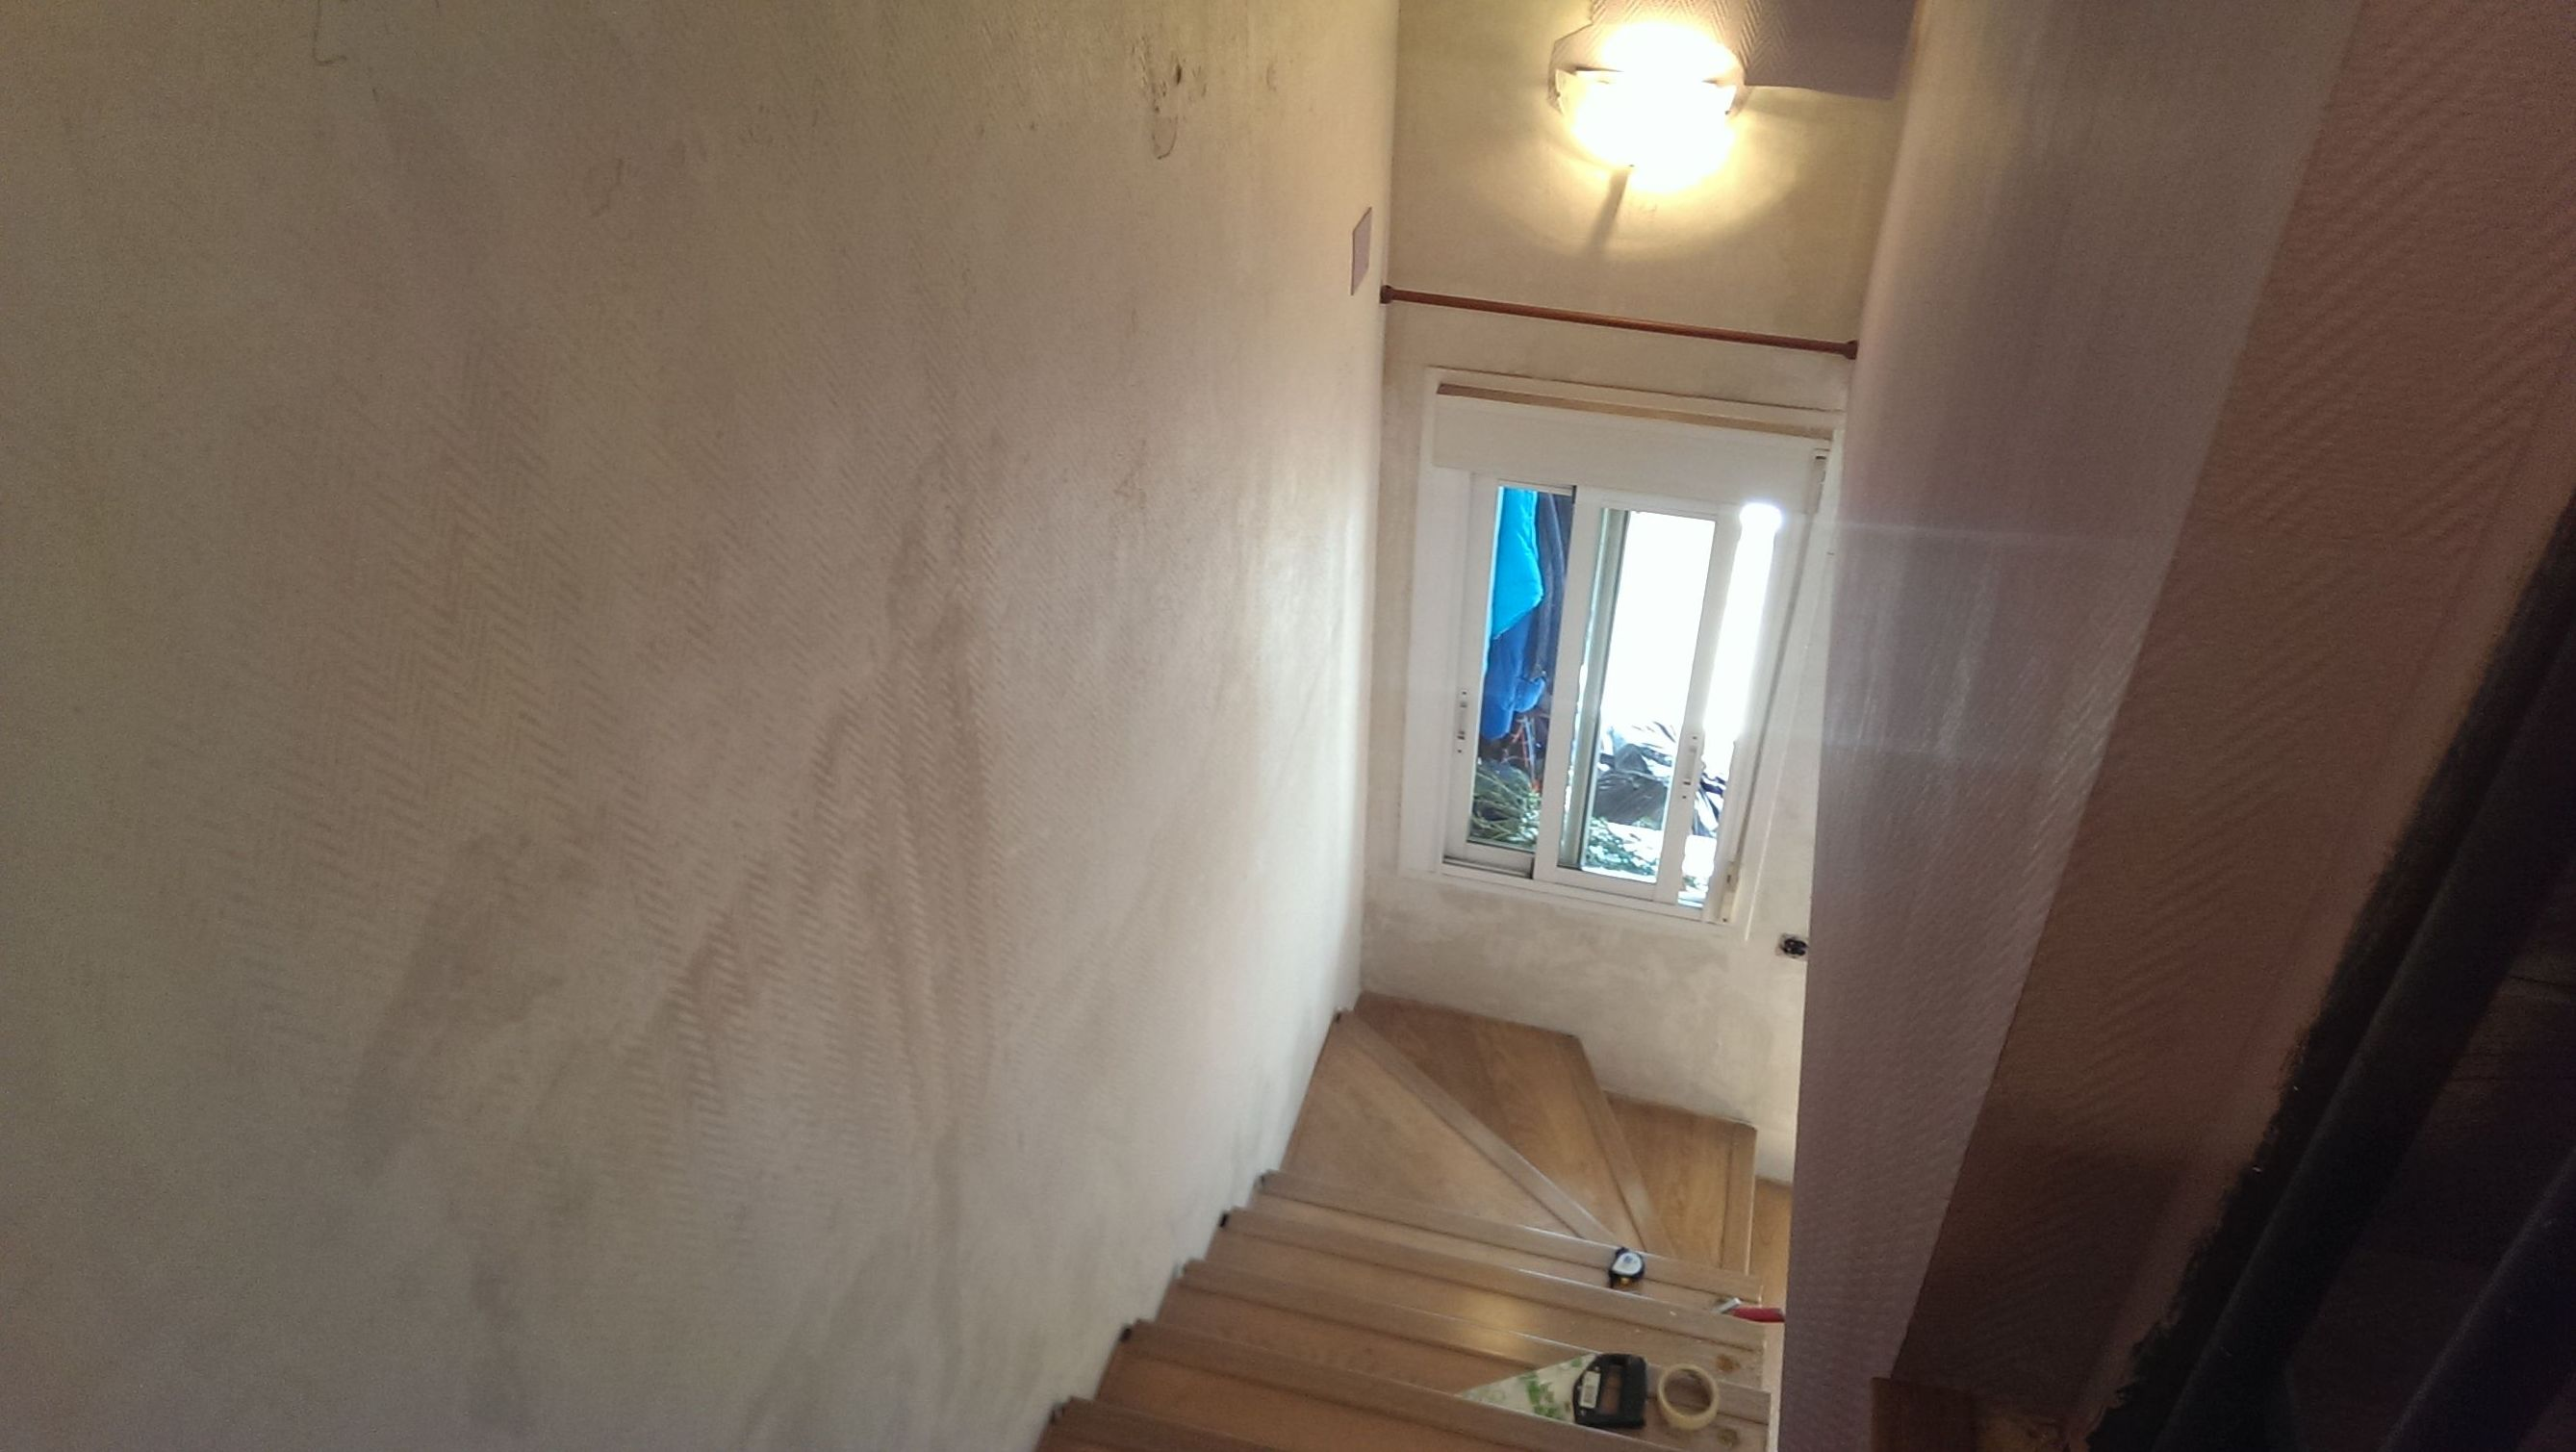 Reforma de pintura y suelos de tarima laminada en Getafe